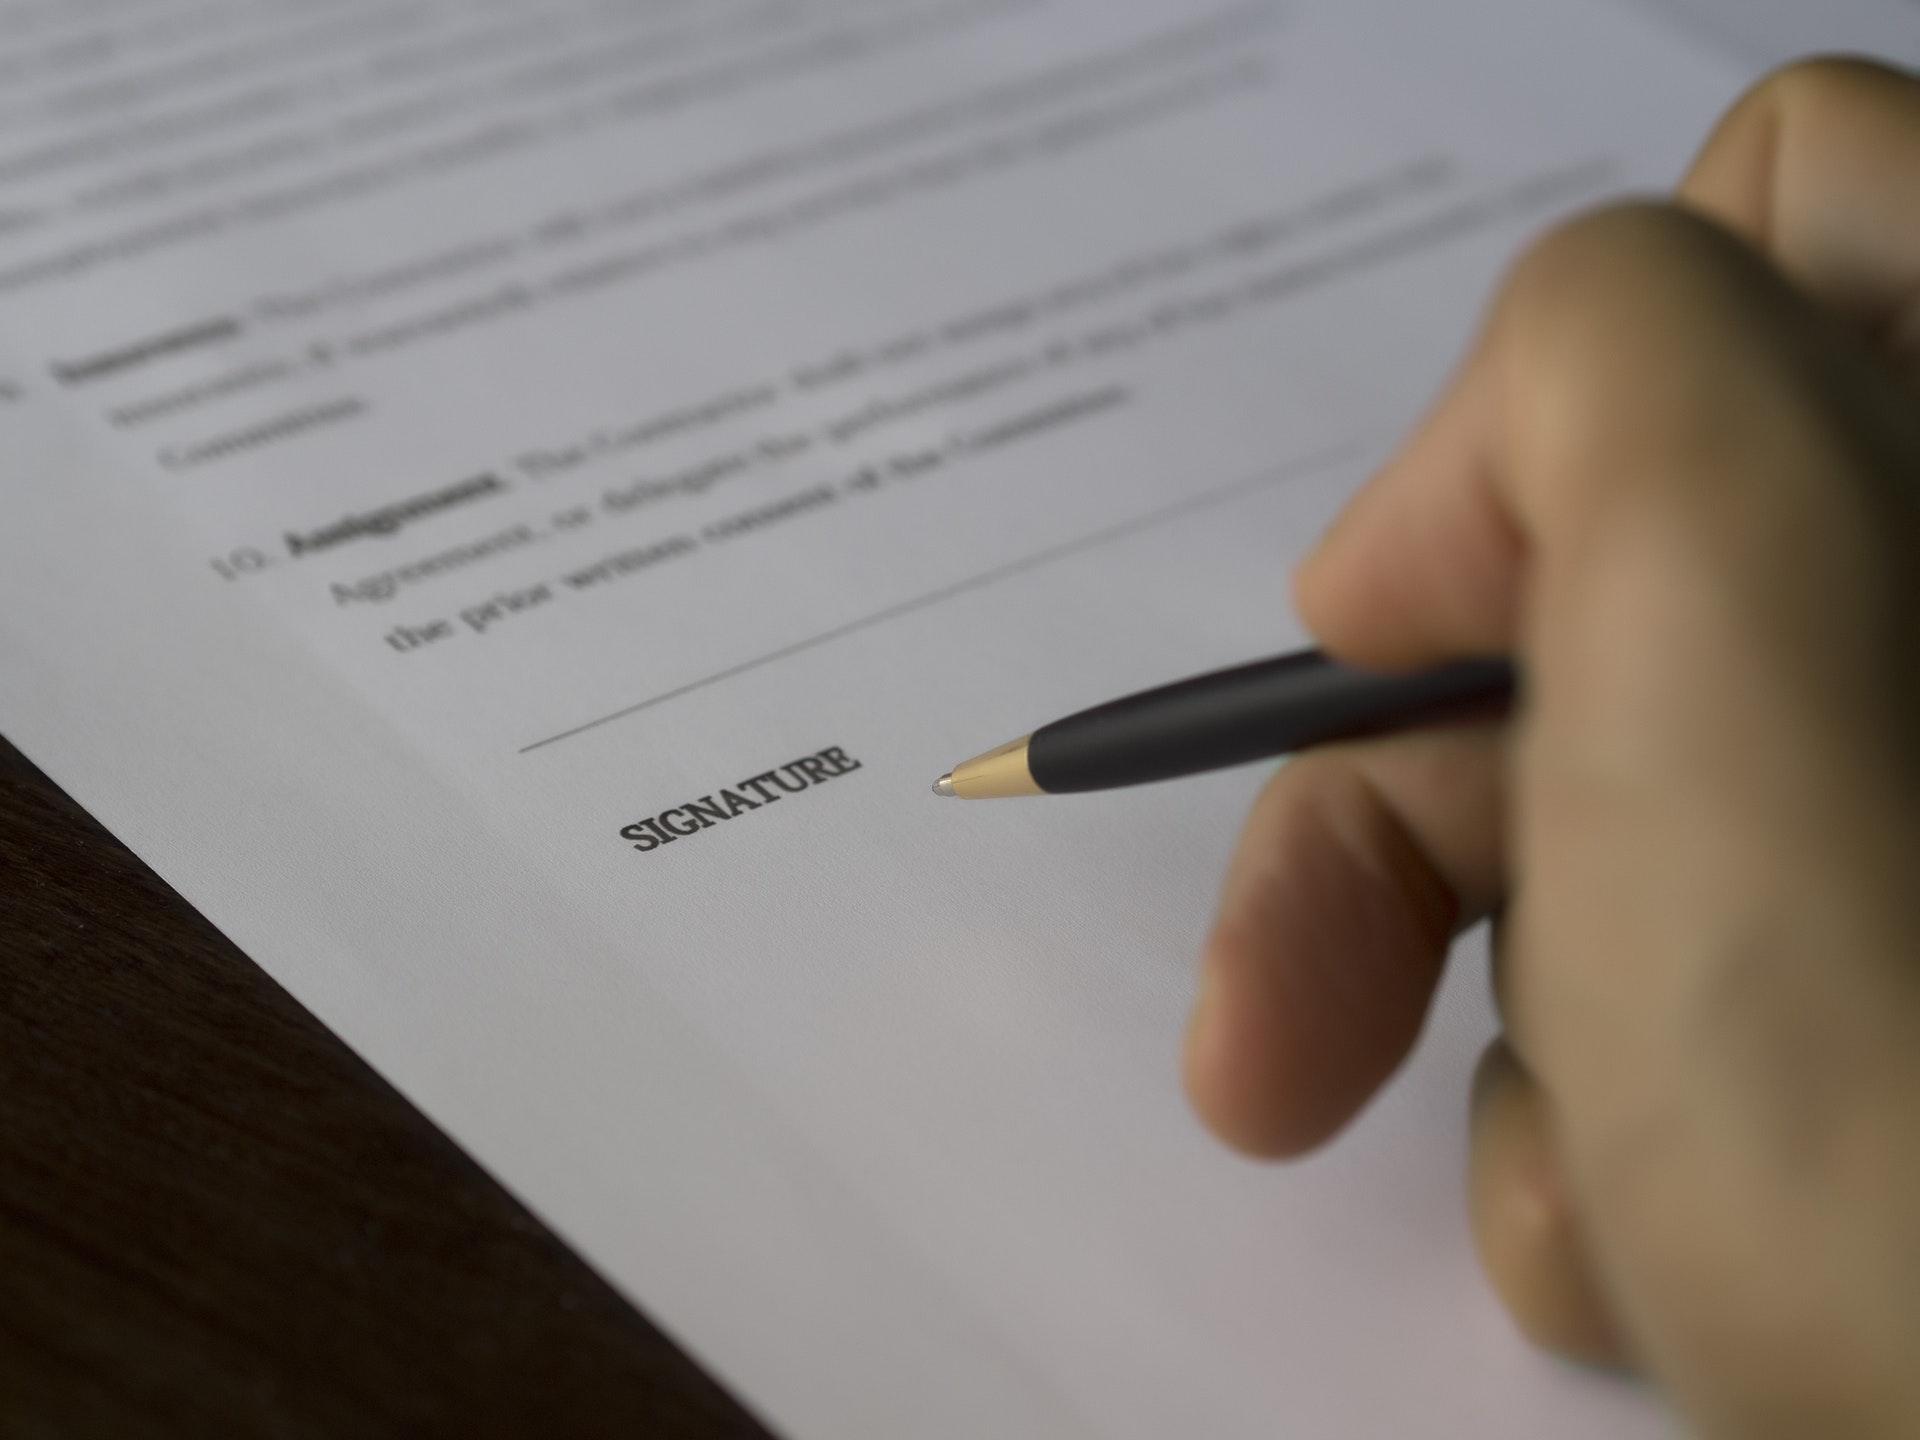 Державна реєстрація припинення права власності на об'єкт нерухомого майна за рішенням суду